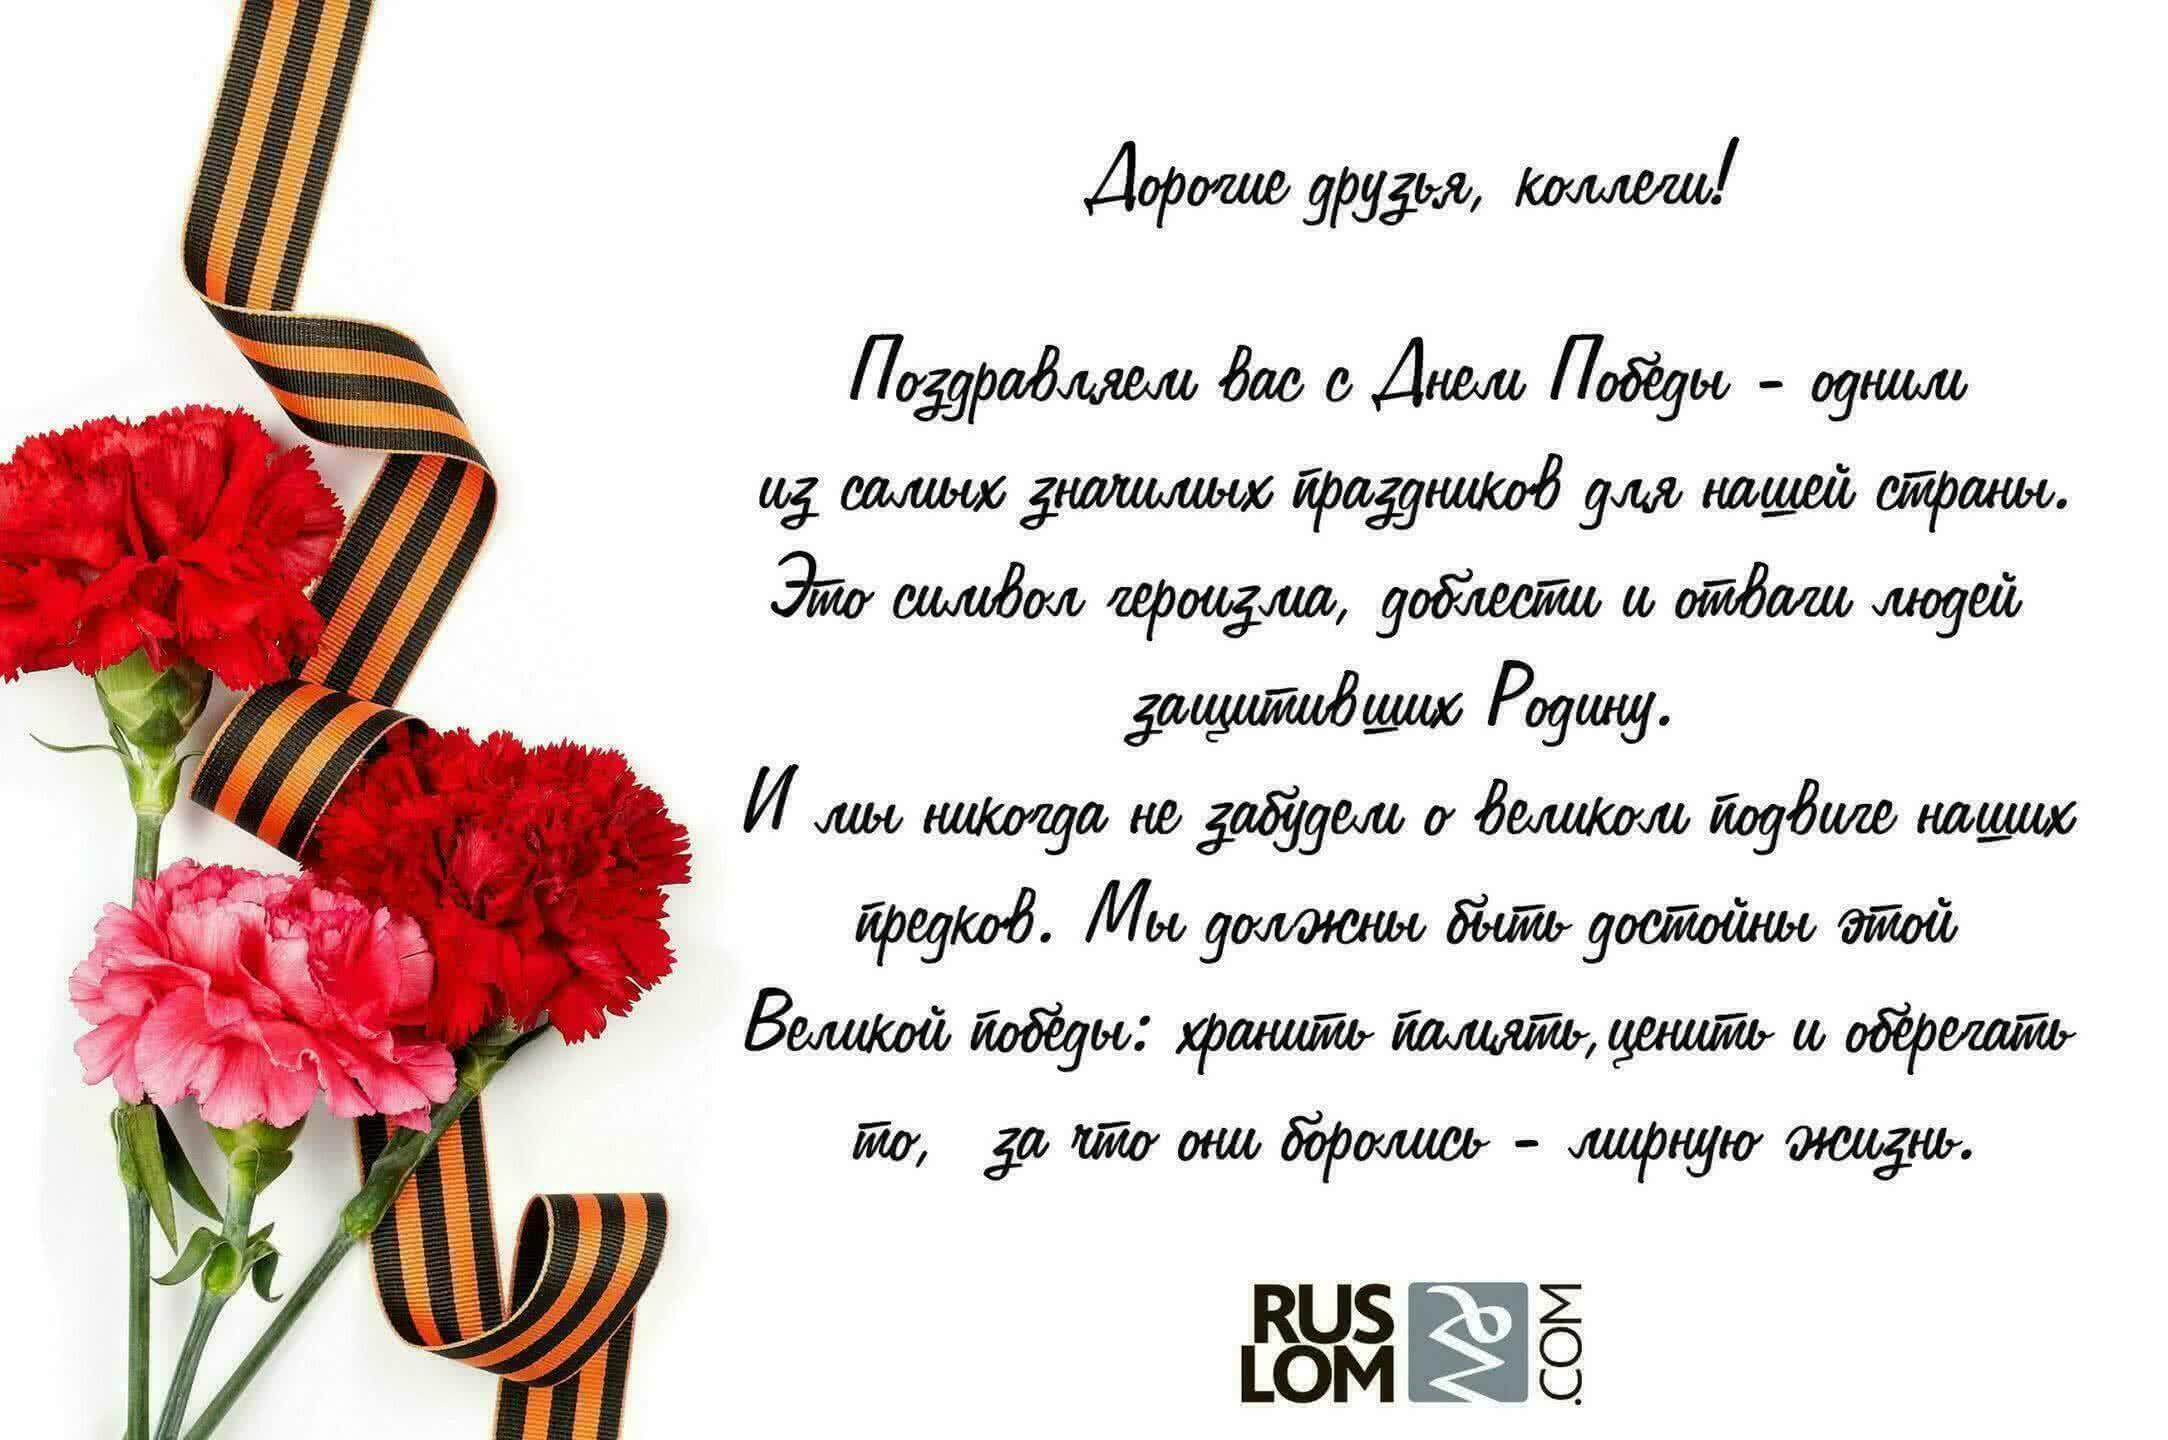 Уважаемые коллеги! Ассоциация НСРО «РУСЛОМ.KOM»поздравляет Вас с наступающим памятным днём - Днём Победы.